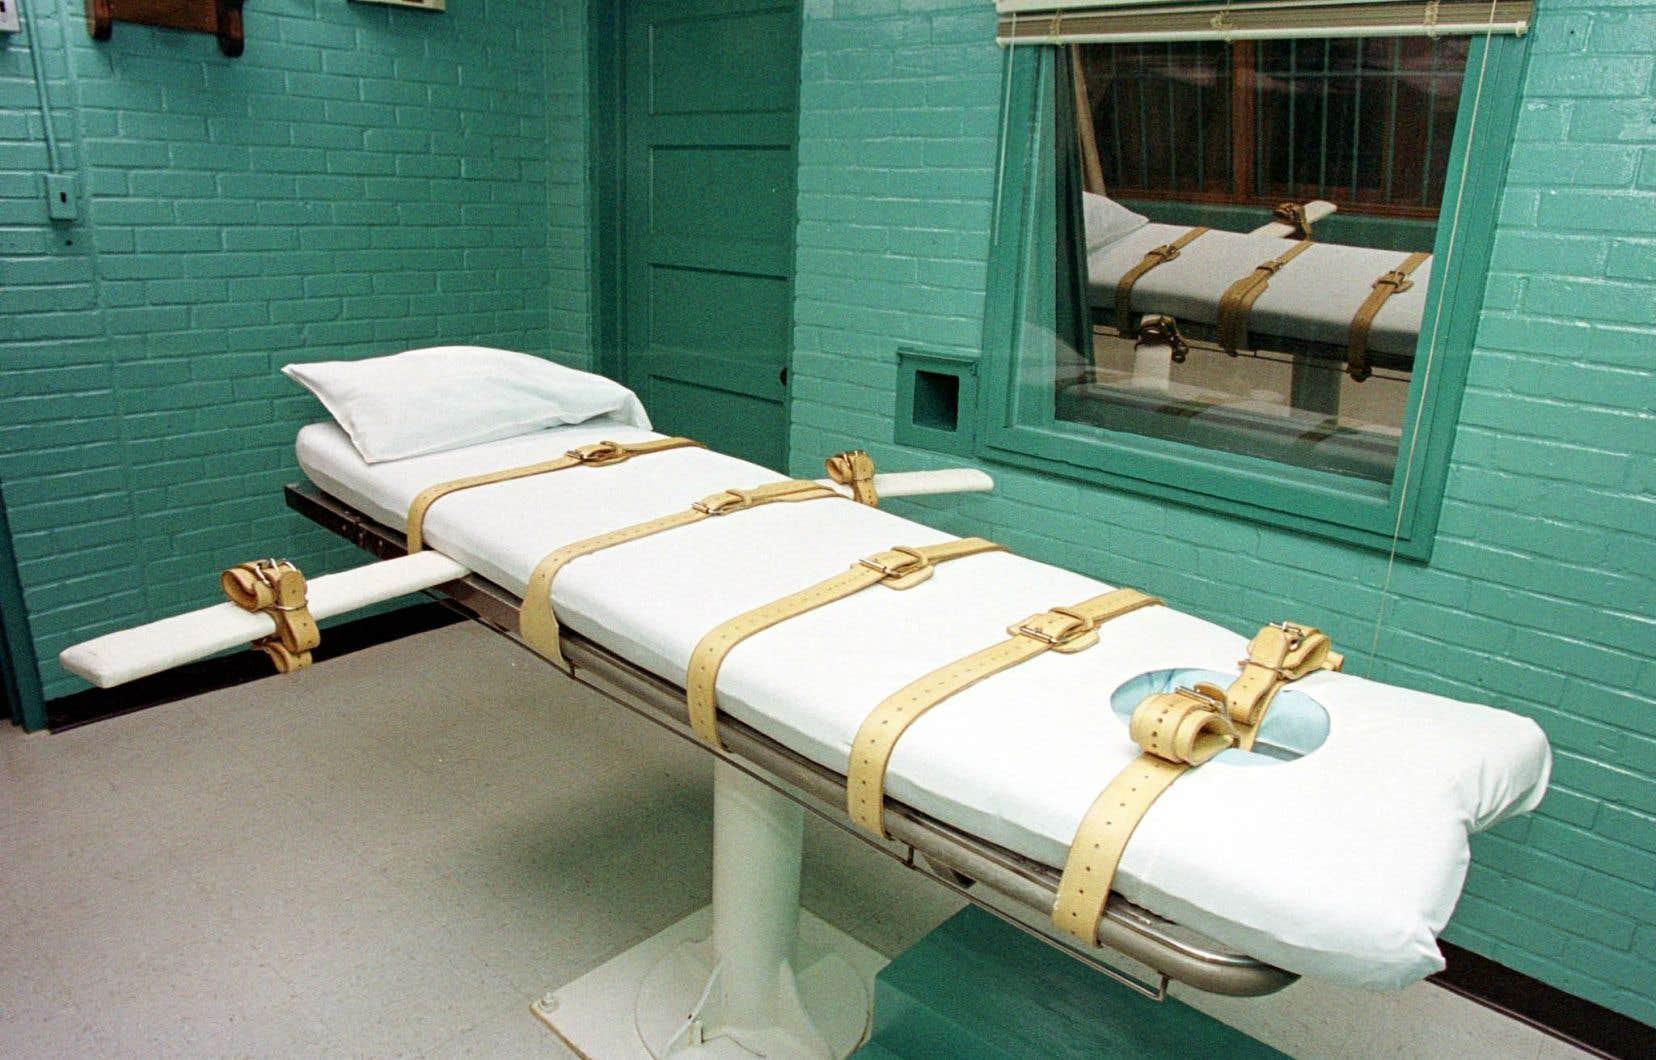 Les élus du Colorado avaient essayé à maintes reprises de supprimer la peine de mort depuis son rétablissement en 1979, en vain jusqu'à présent.